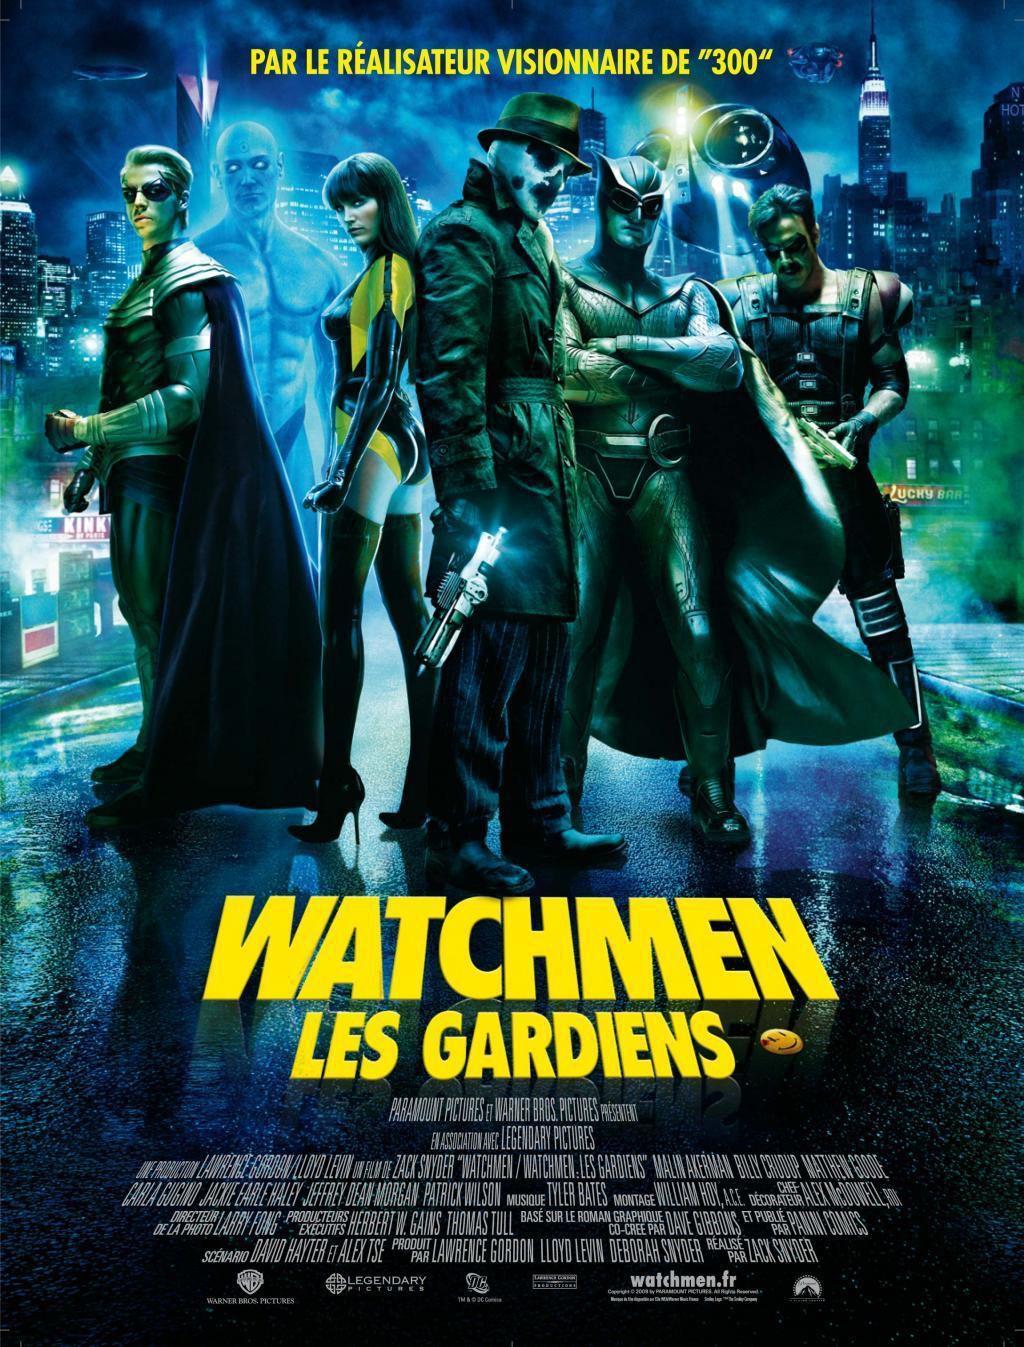 Watchmen : Les Gardiens : affiche du film (2009